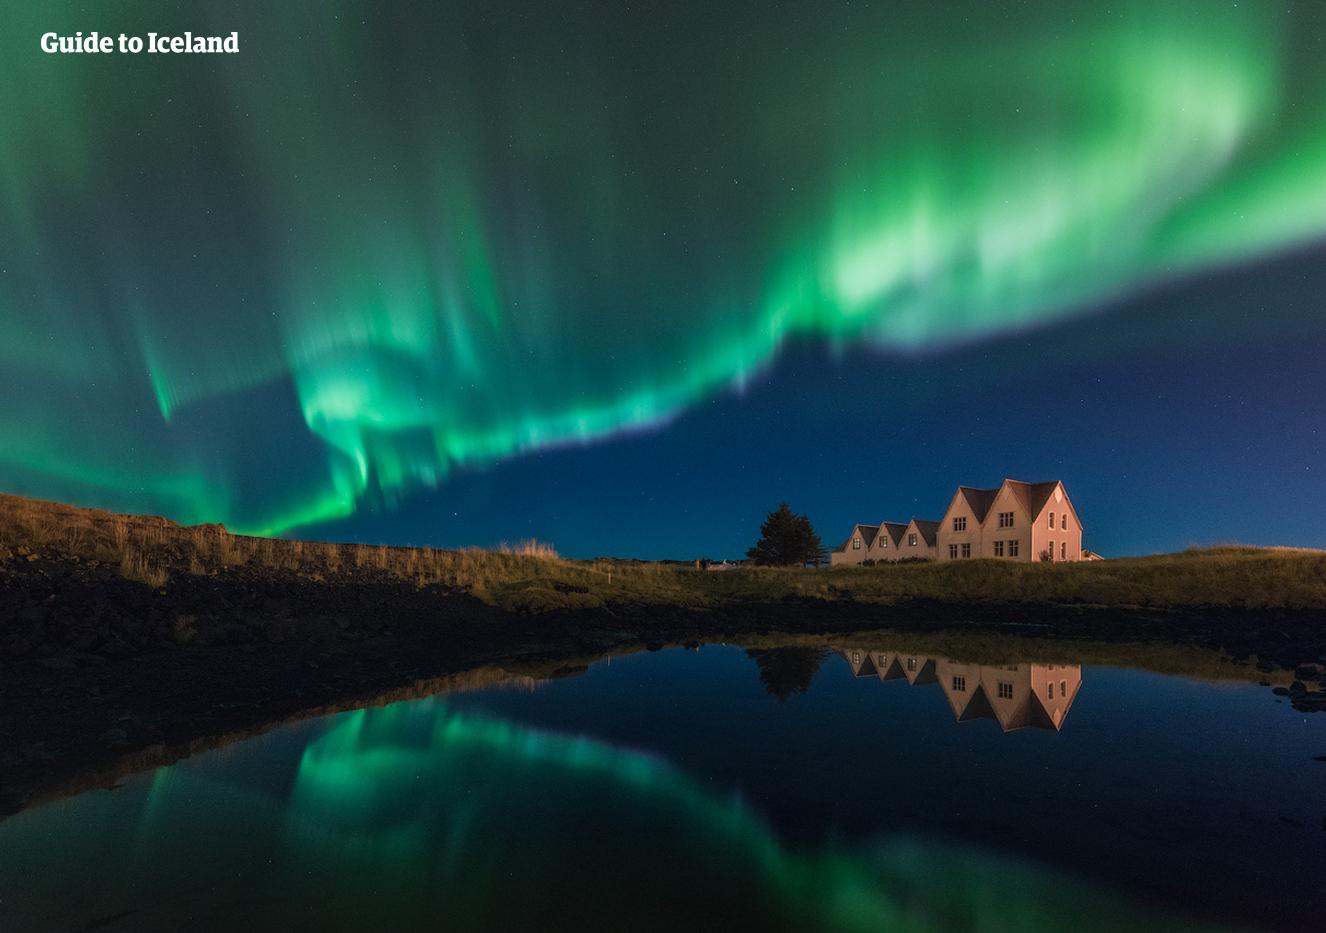 레이캬네스 반도를 따라 아이슬란드의 수도, 레이캬비크로 가는 도로.